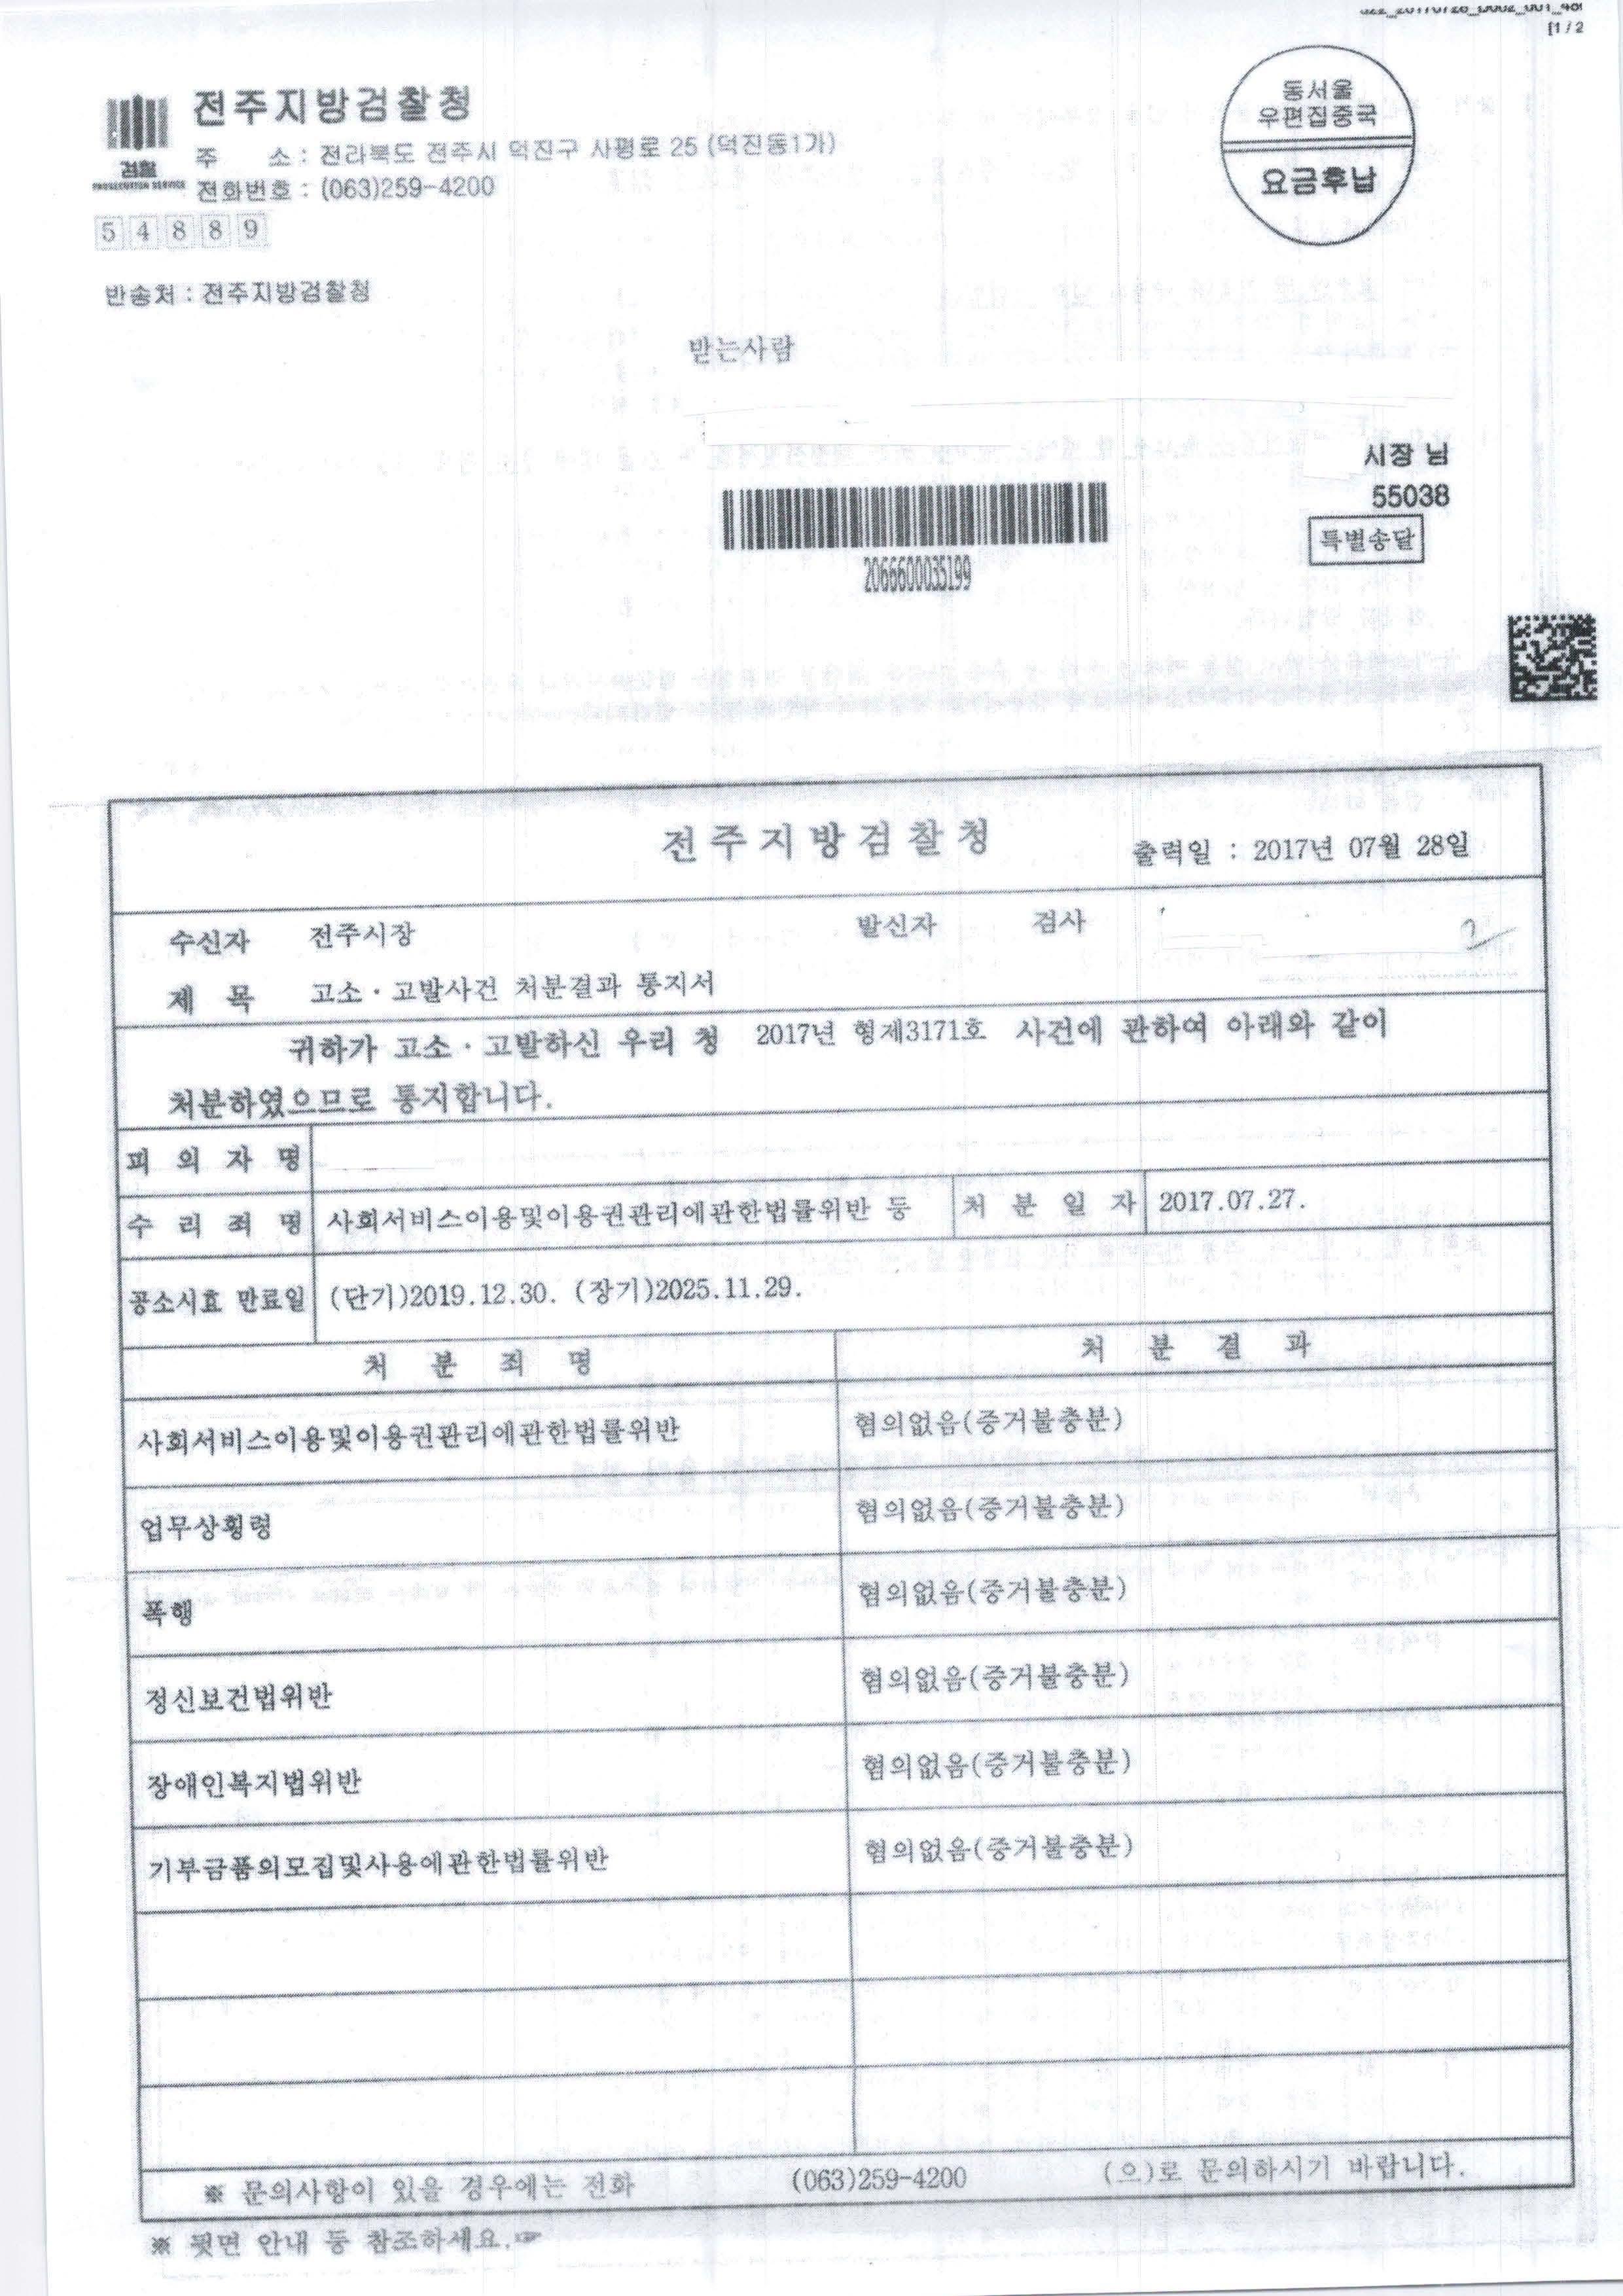 붙임1. 정보부분공개자료(처분결과 통지서)_페이지_1.jpg